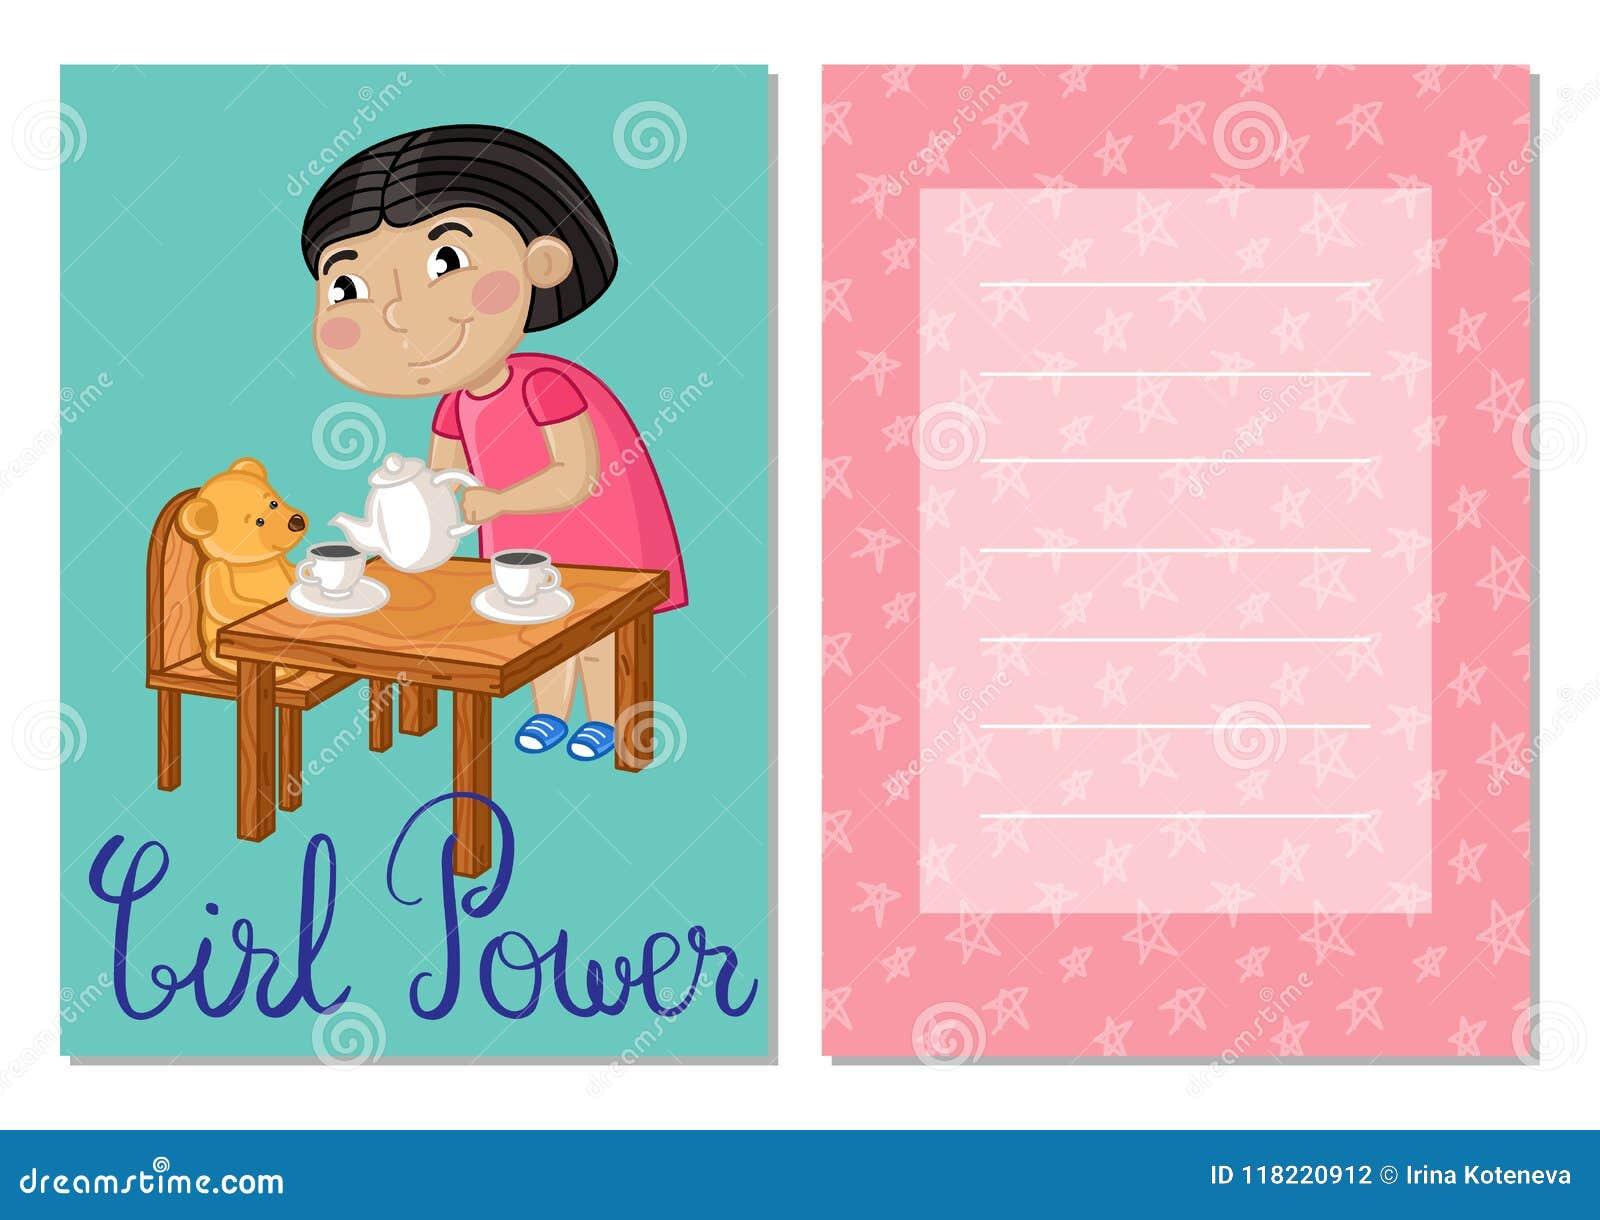 Download Girl Power Kids Postcard Template Set Stock Illustration    Illustration Of Background, Kids: